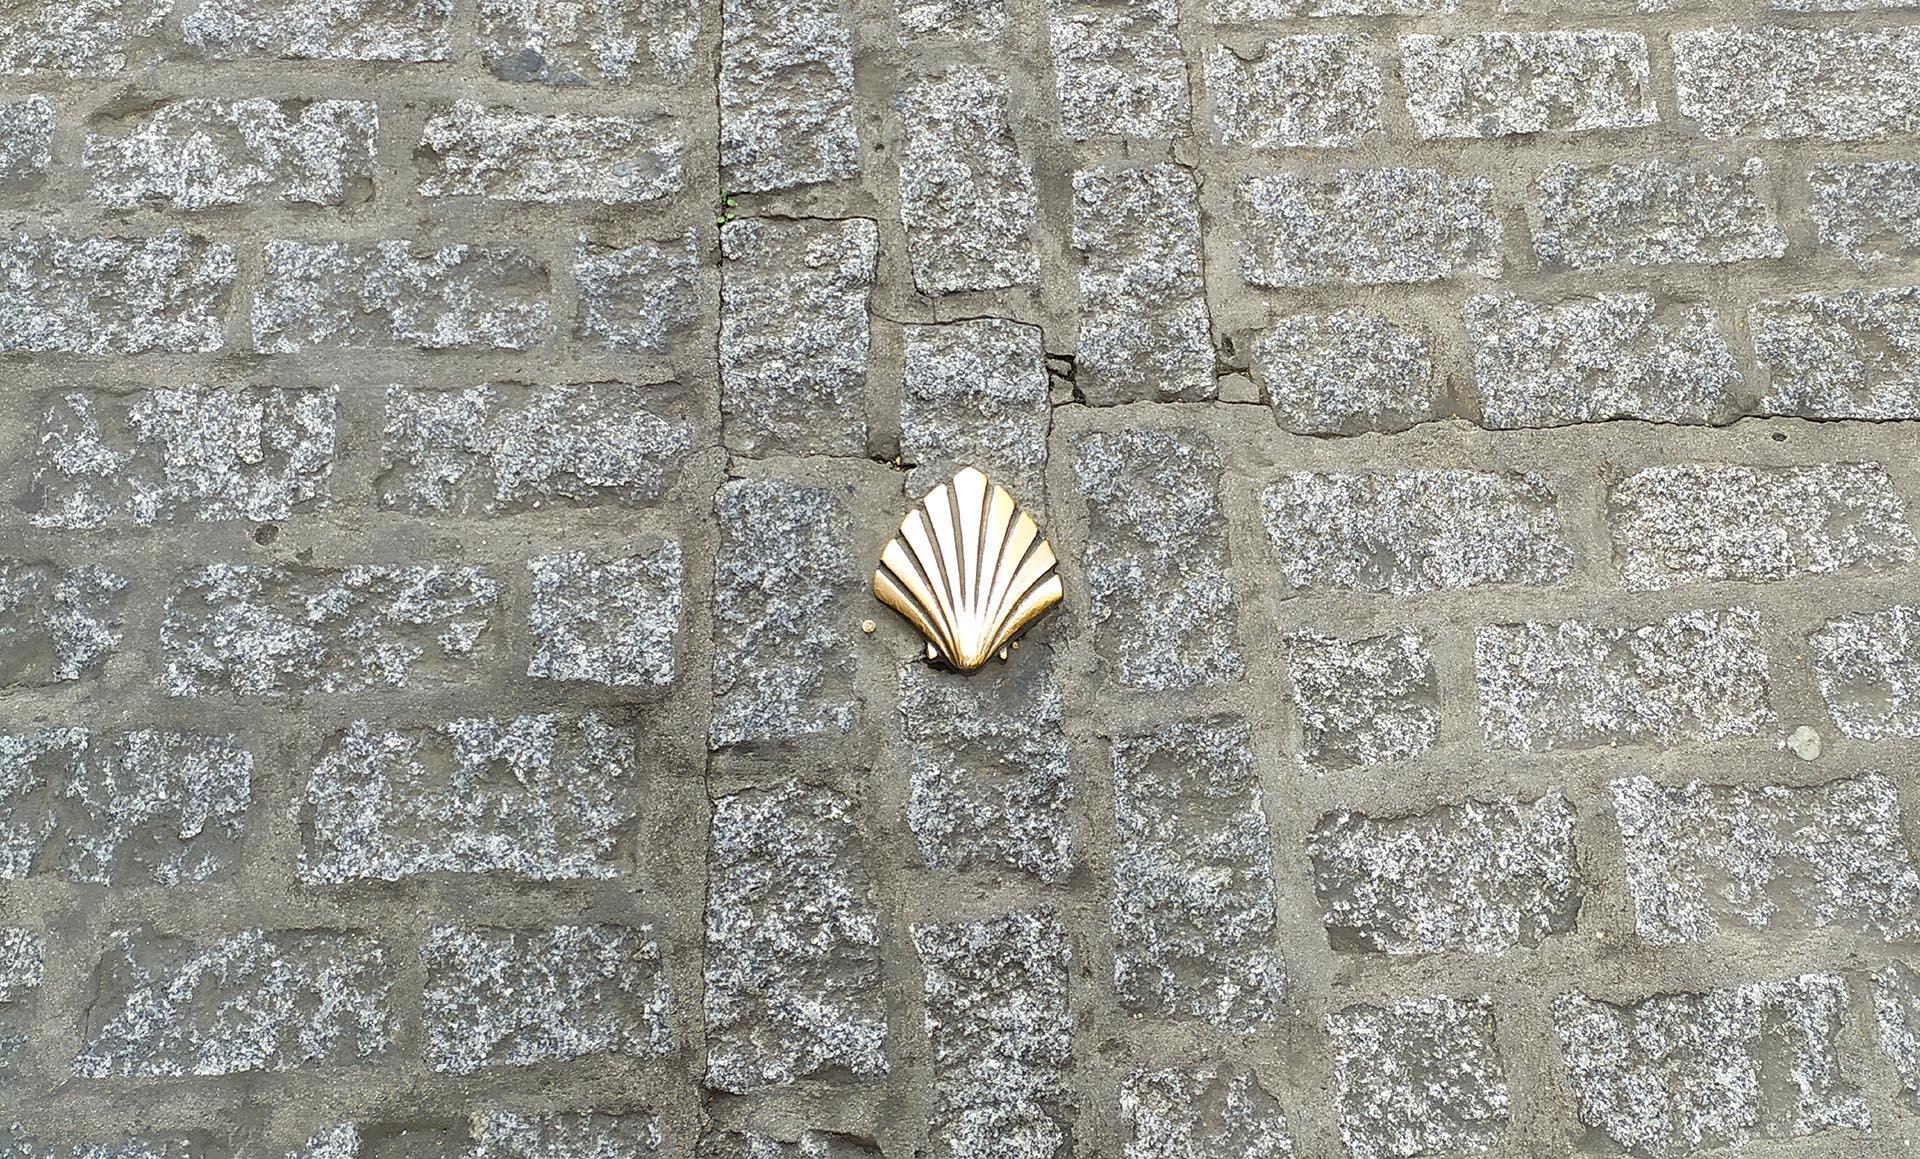 Concha bronce. Camino de Santiago